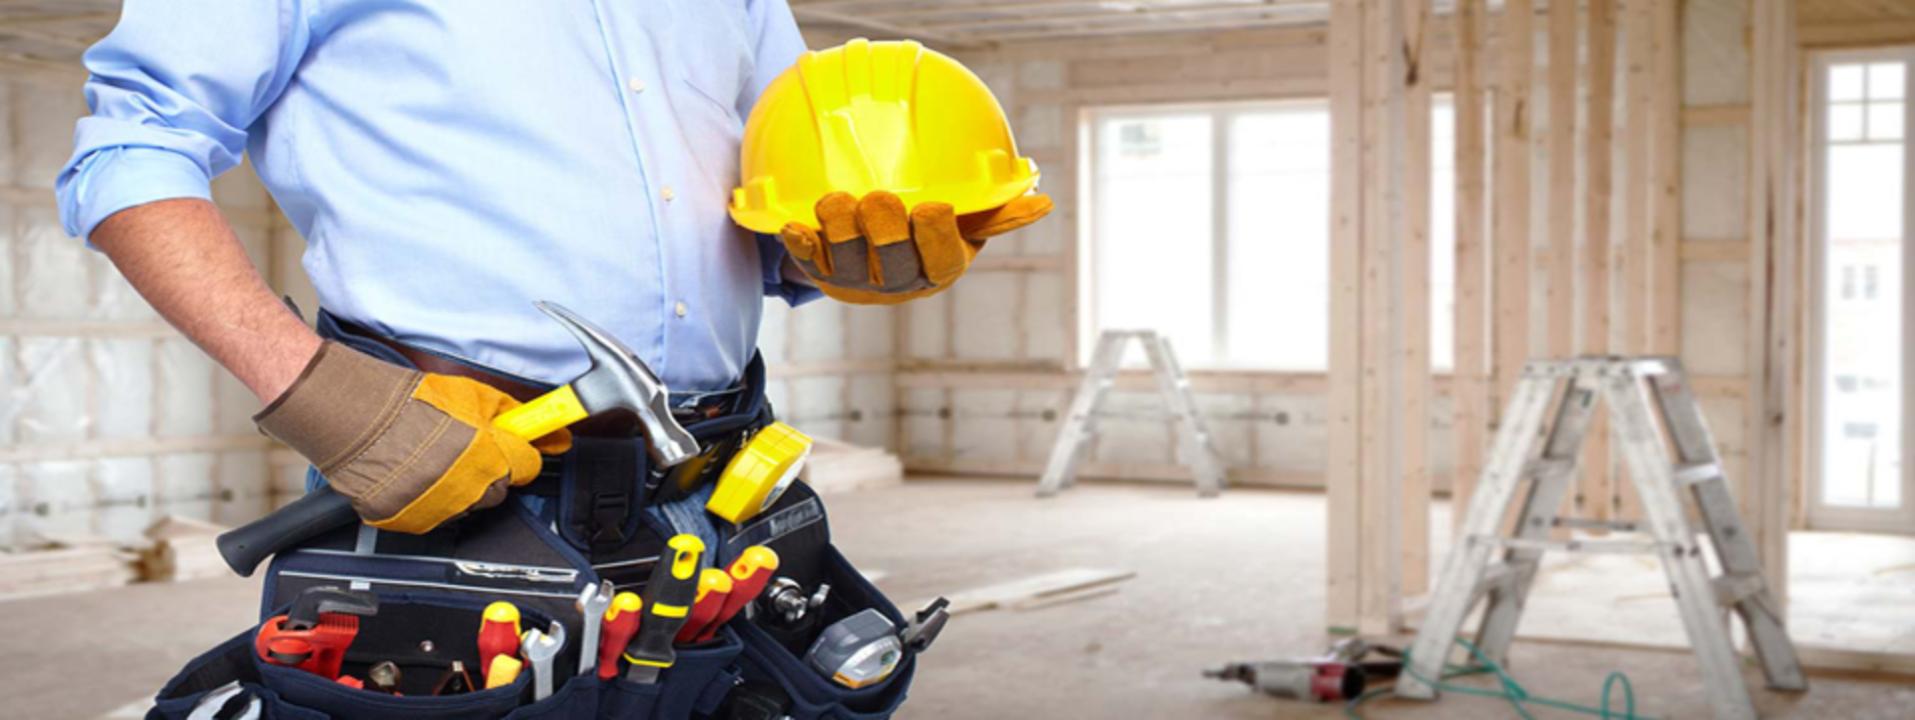 Local Handyman Services San Diego Professional San Diego